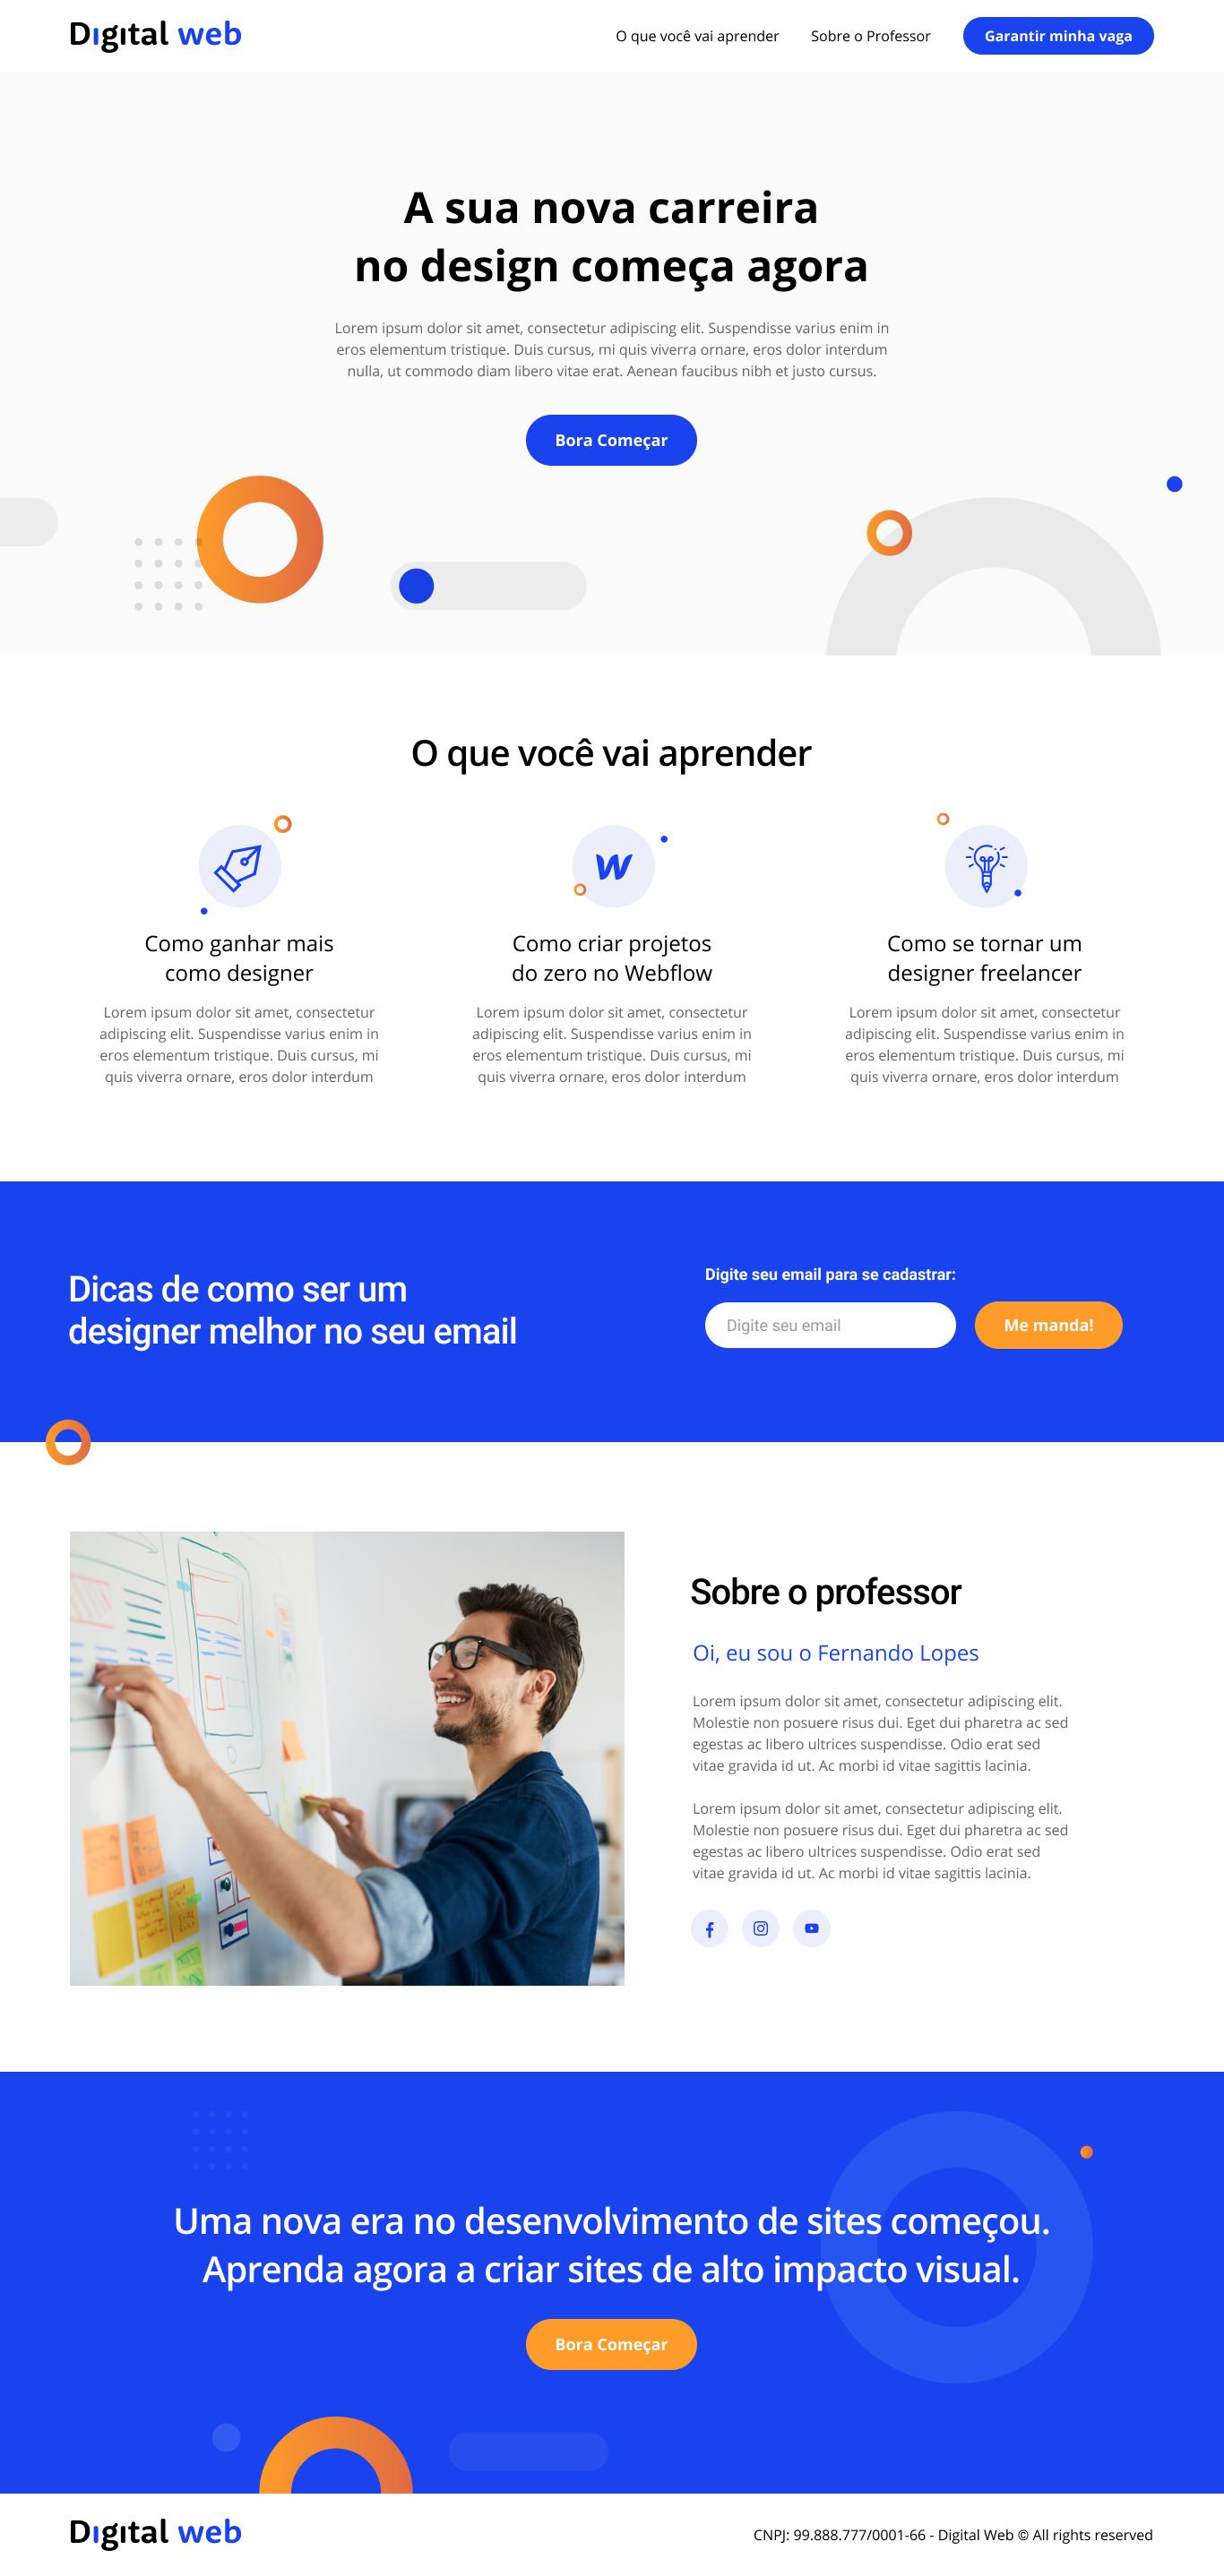 projeto criado no curso de webflow